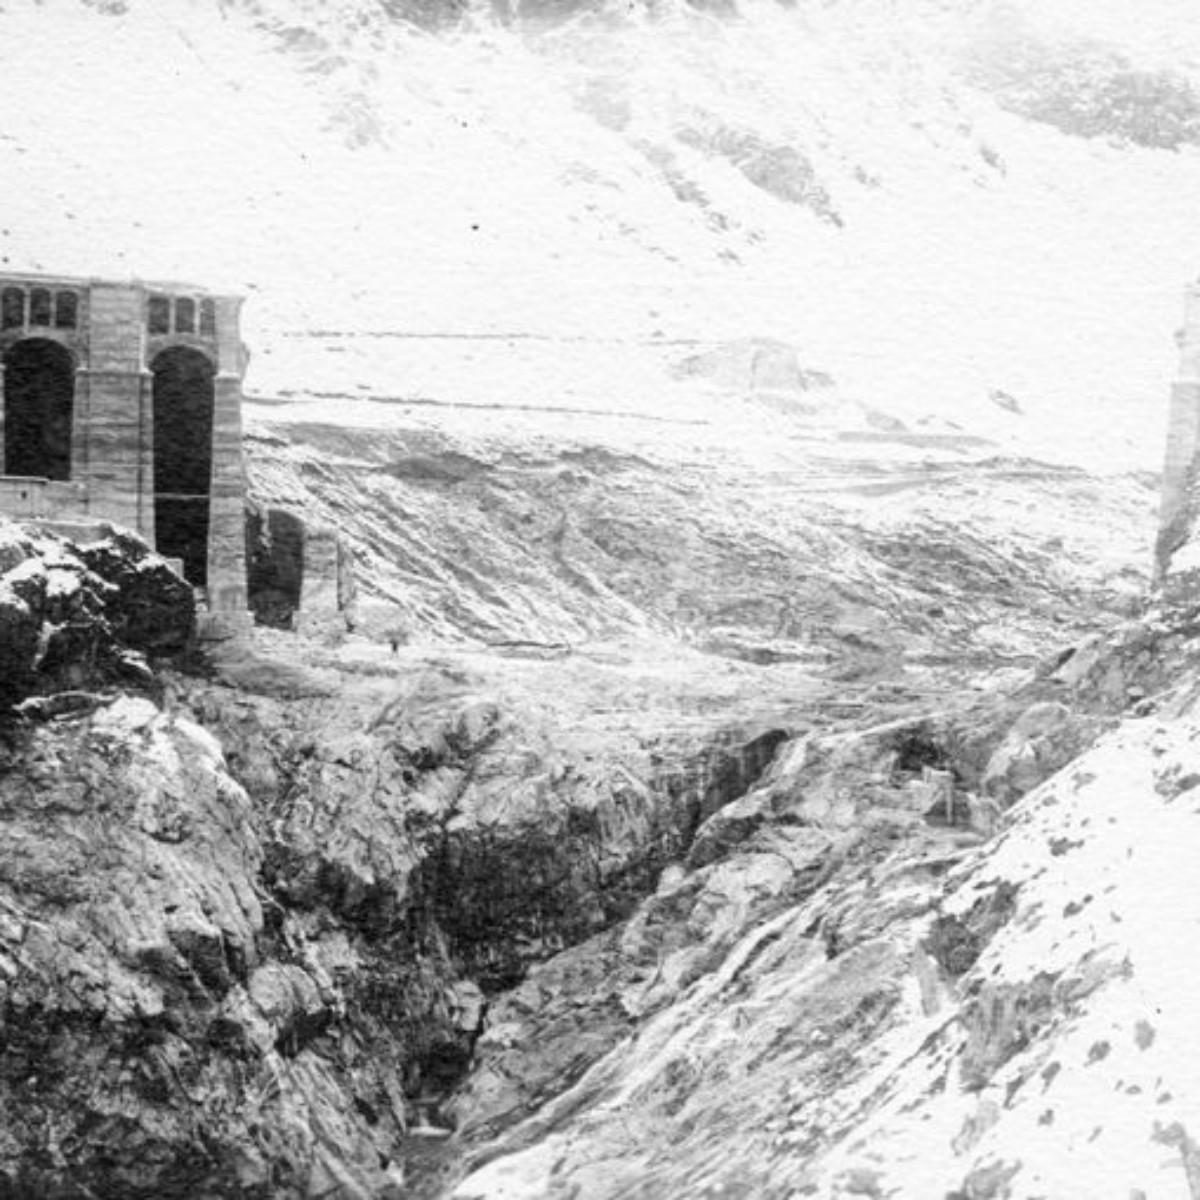 1 dicembre 1923. La breccia nella diga: è già rinevicato